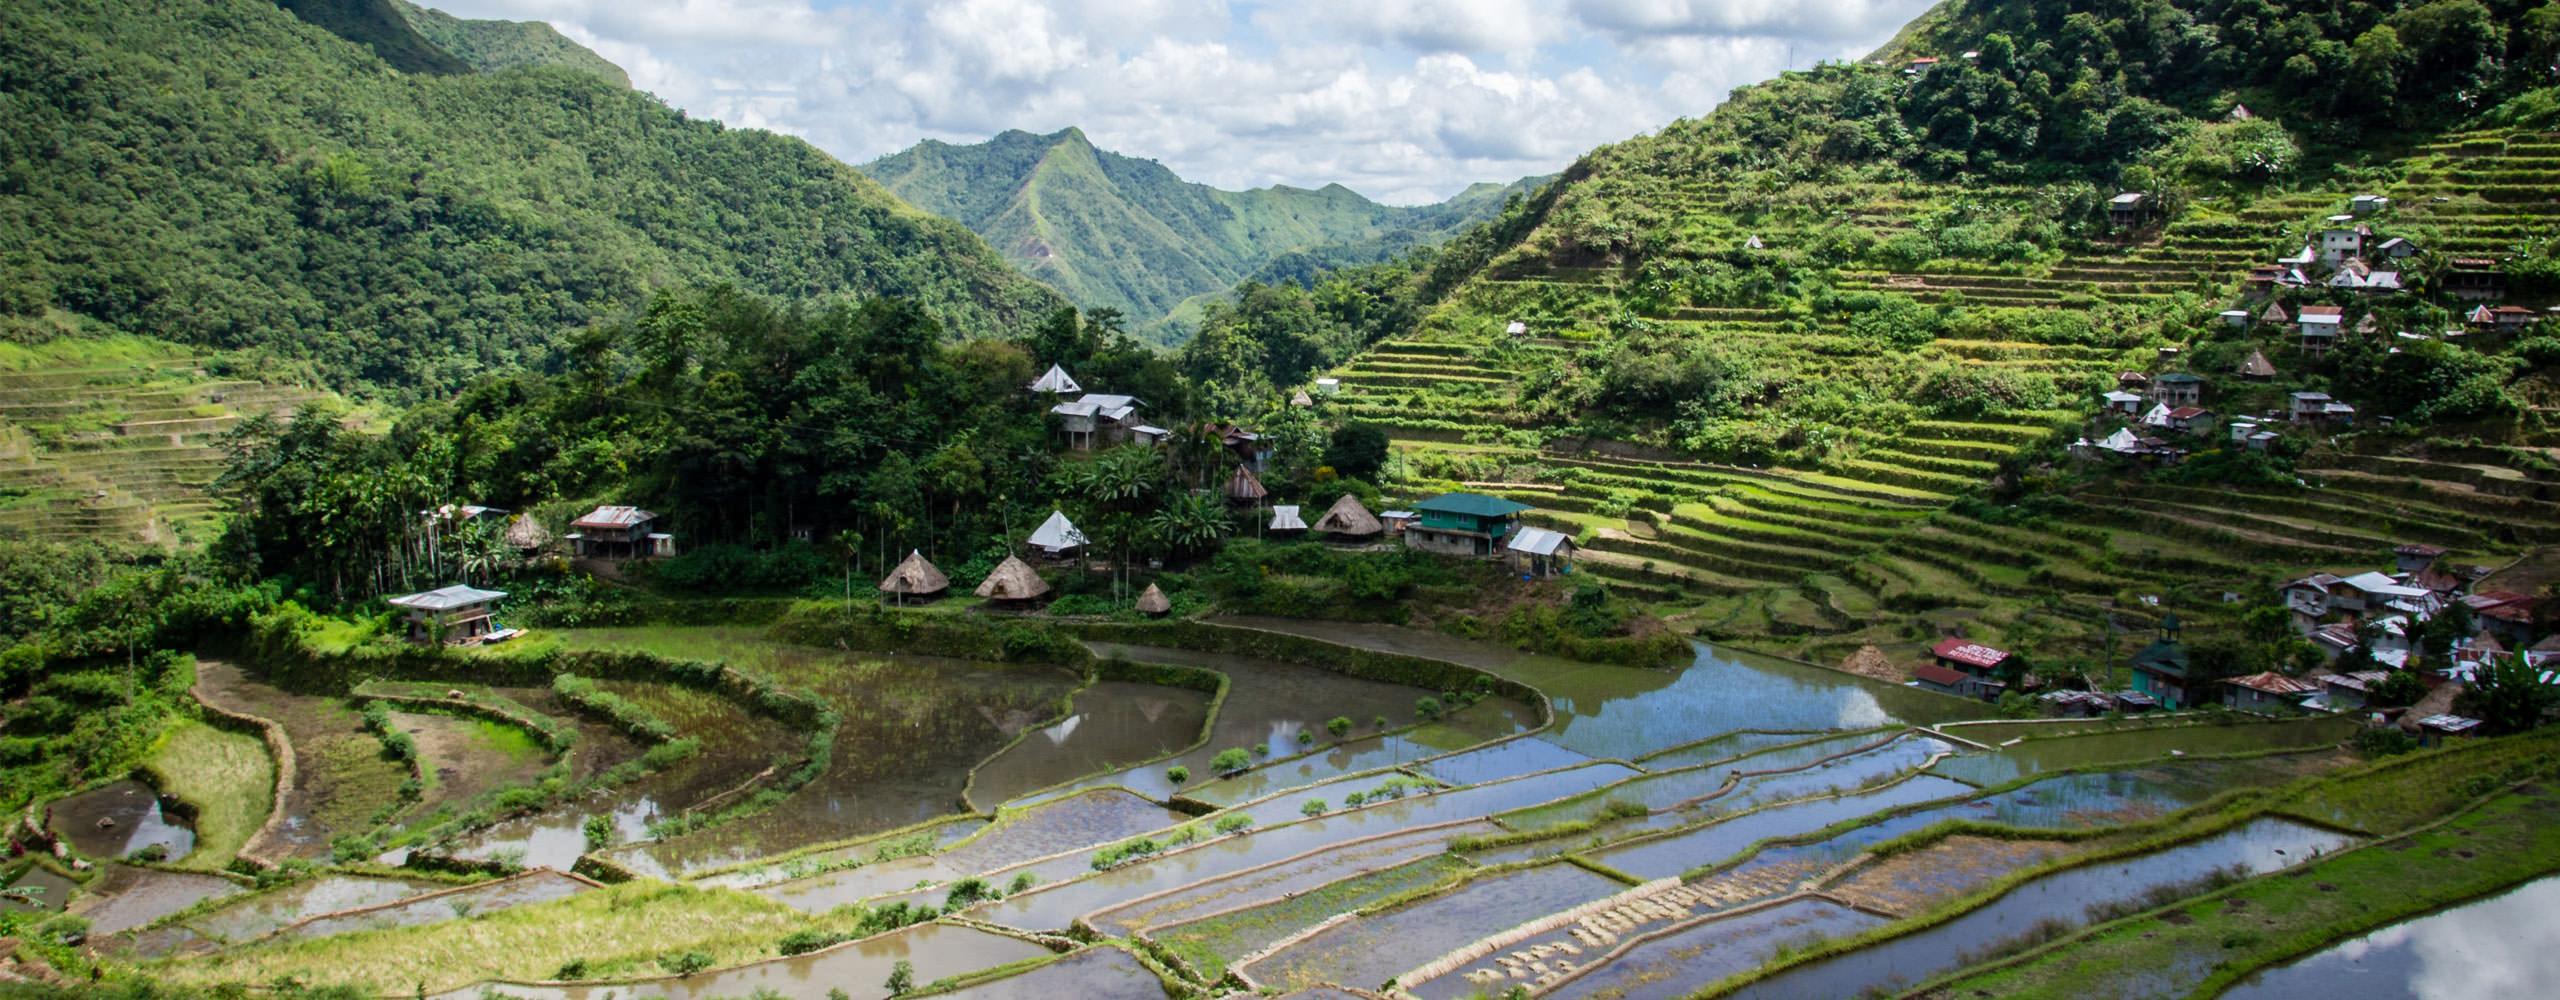 טיולי ג'יפים בפיליפינים - נופי טרסות האורז